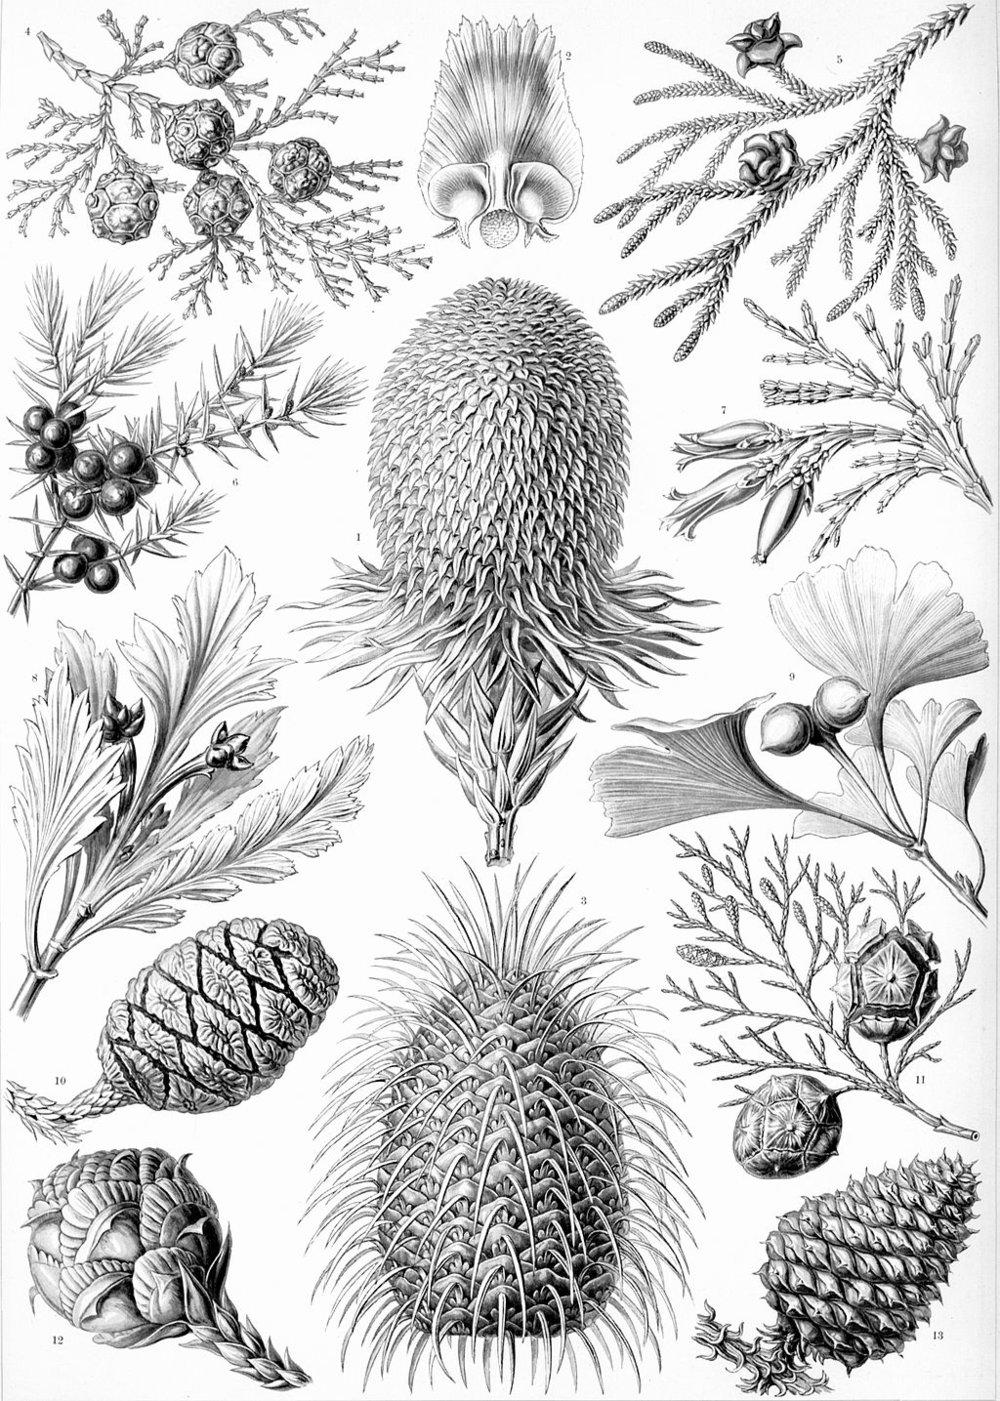 Coniferae     from   Kunstformen der Natur   (Art Forms in Nature) by German biologist  Ernst Haeckel .